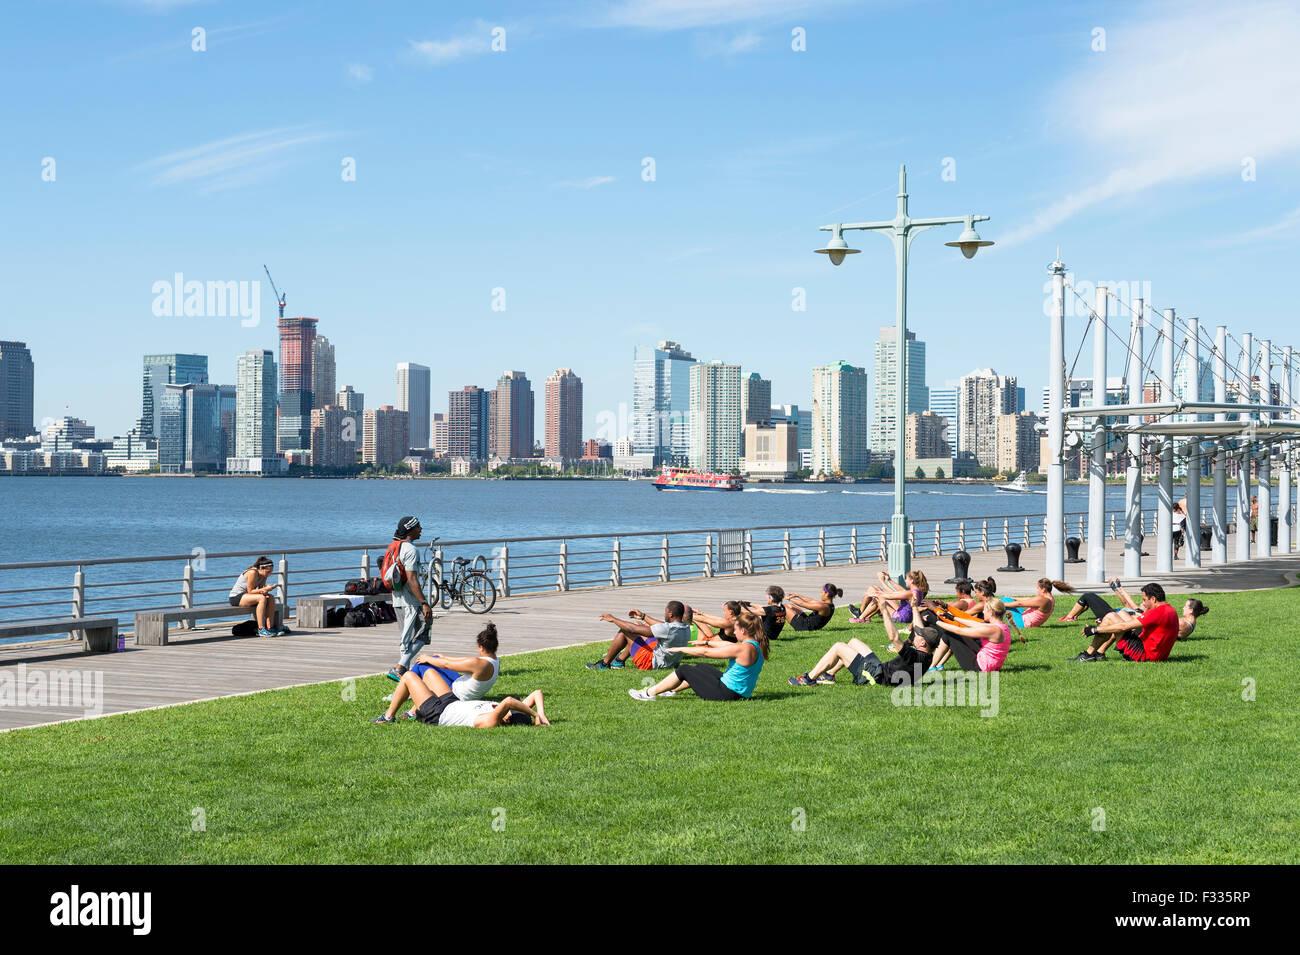 La VILLE DE NEW YORK, USA - Le 29 août 2015: l'entraîneur personnel de fitness boot camp groupe Photo Stock